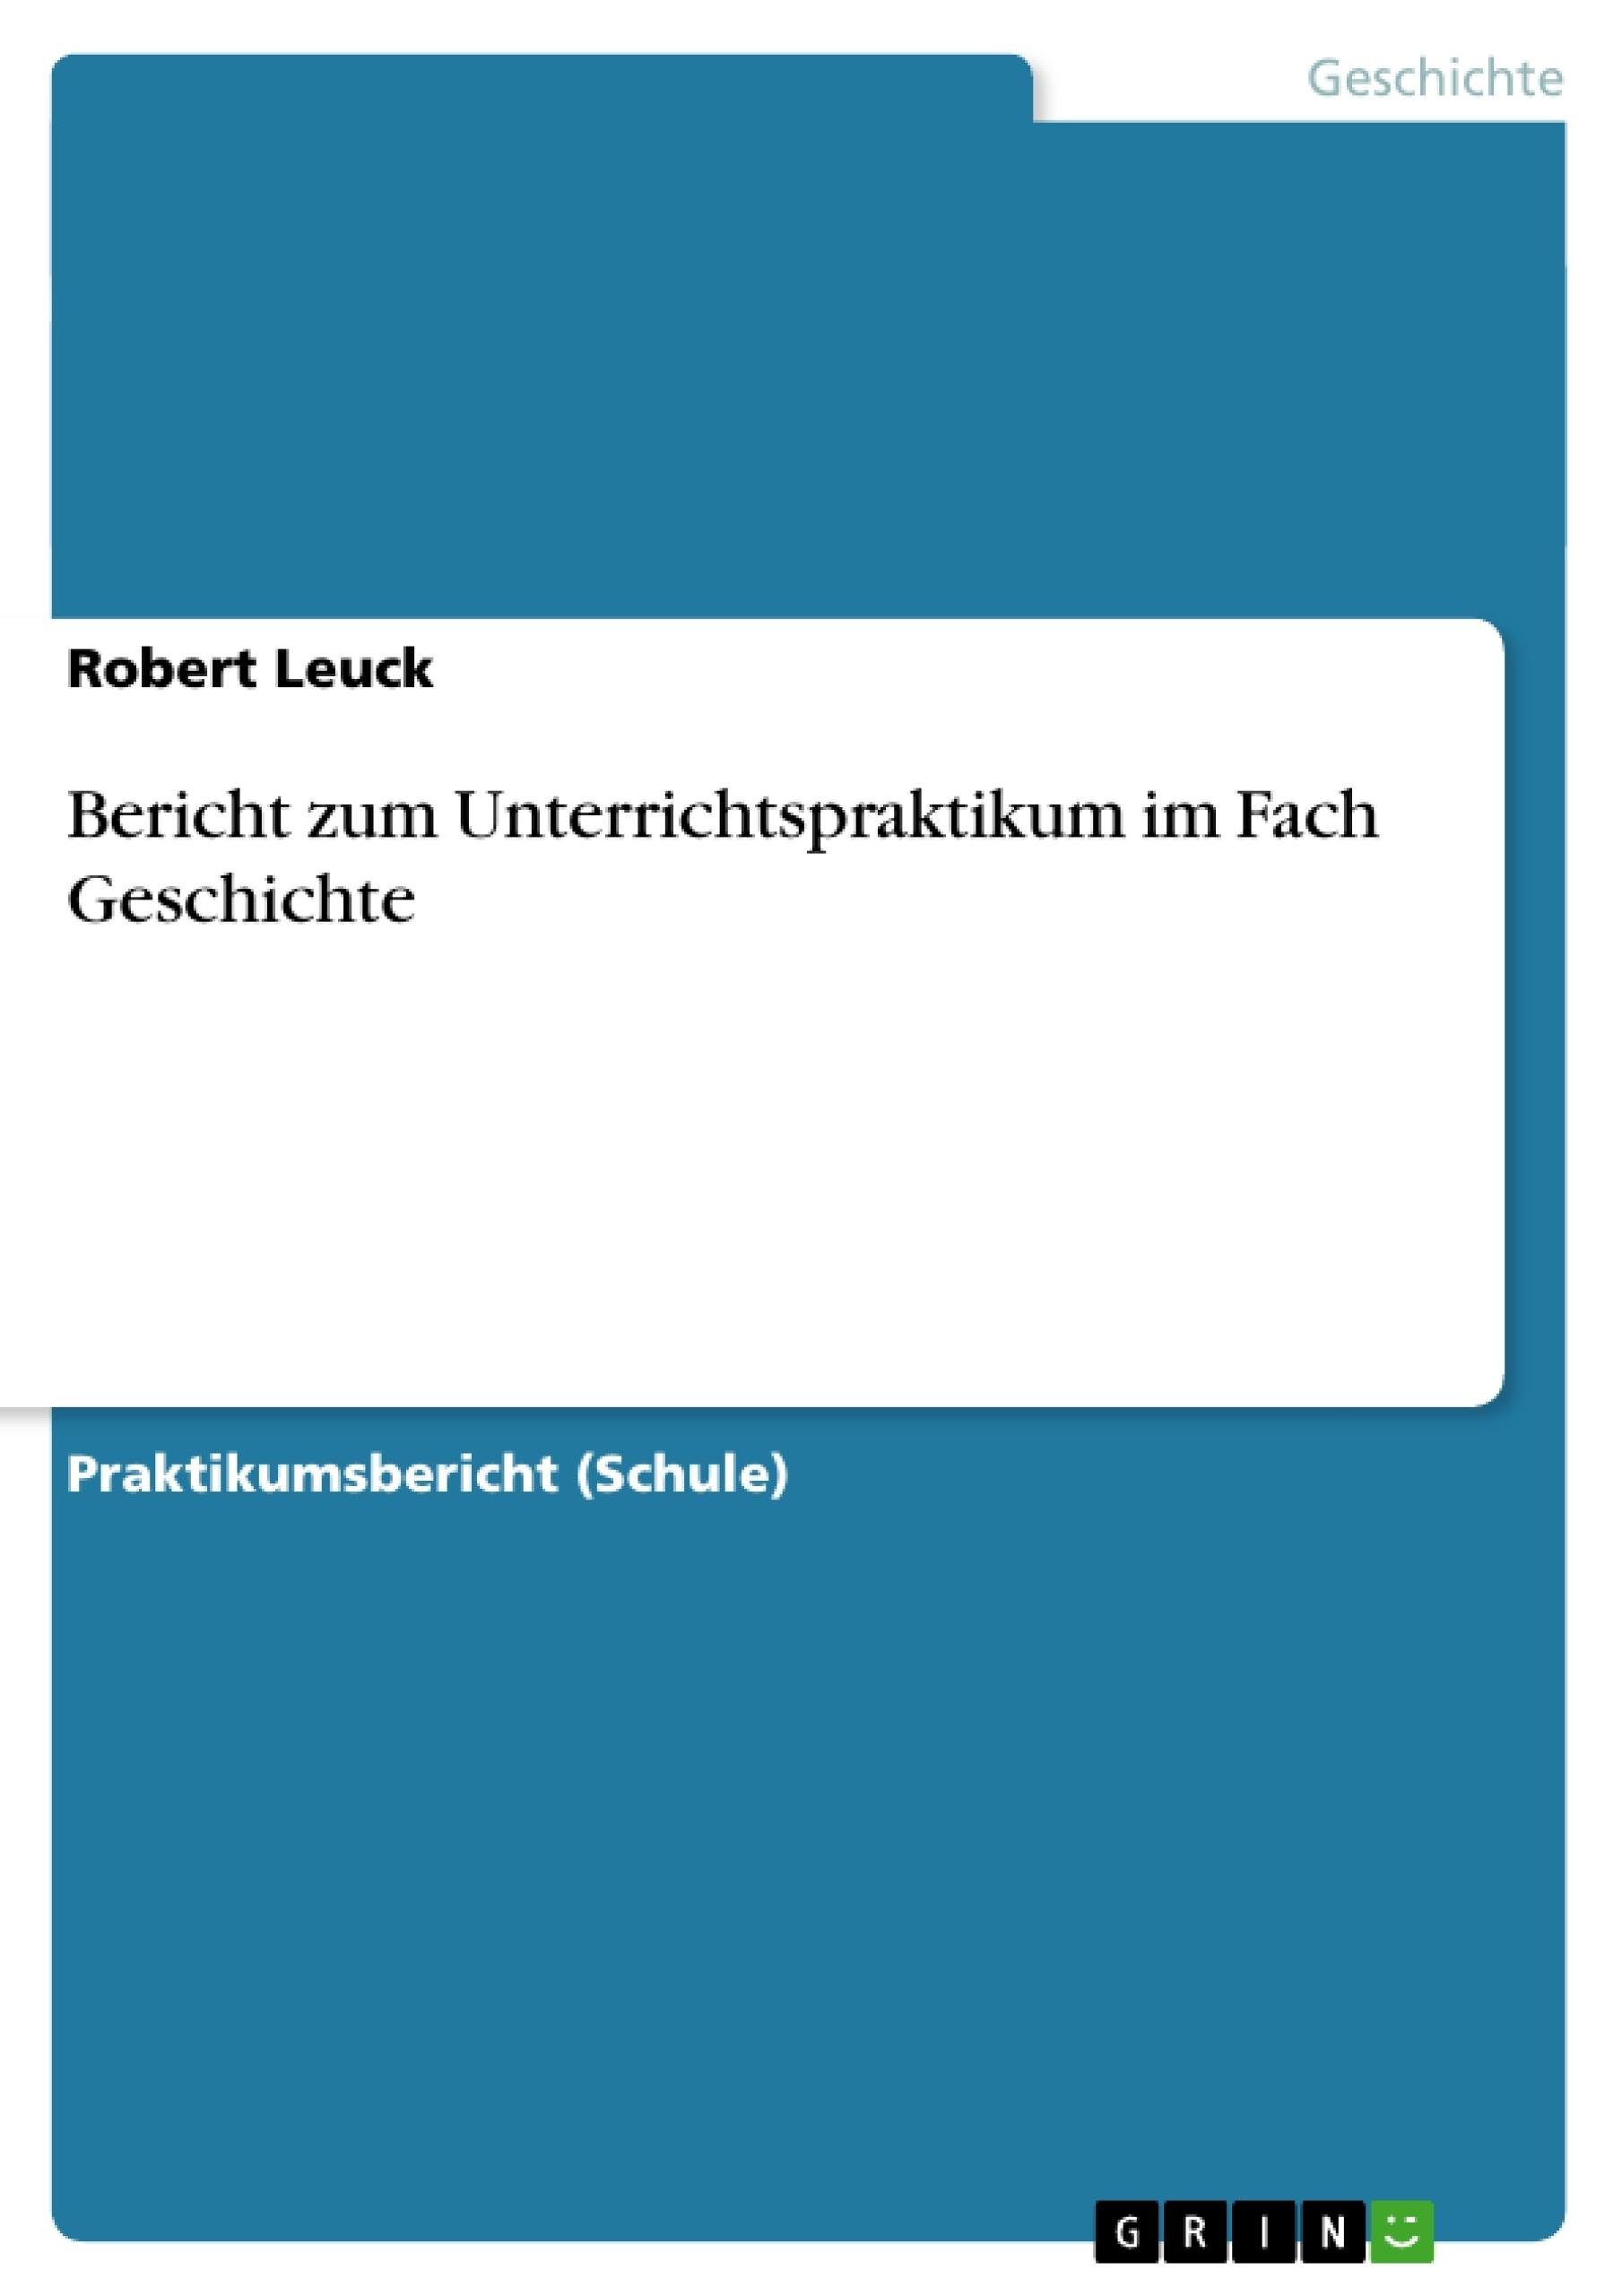 Titel: Bericht zum Unterrichtspraktikum im Fach Geschichte